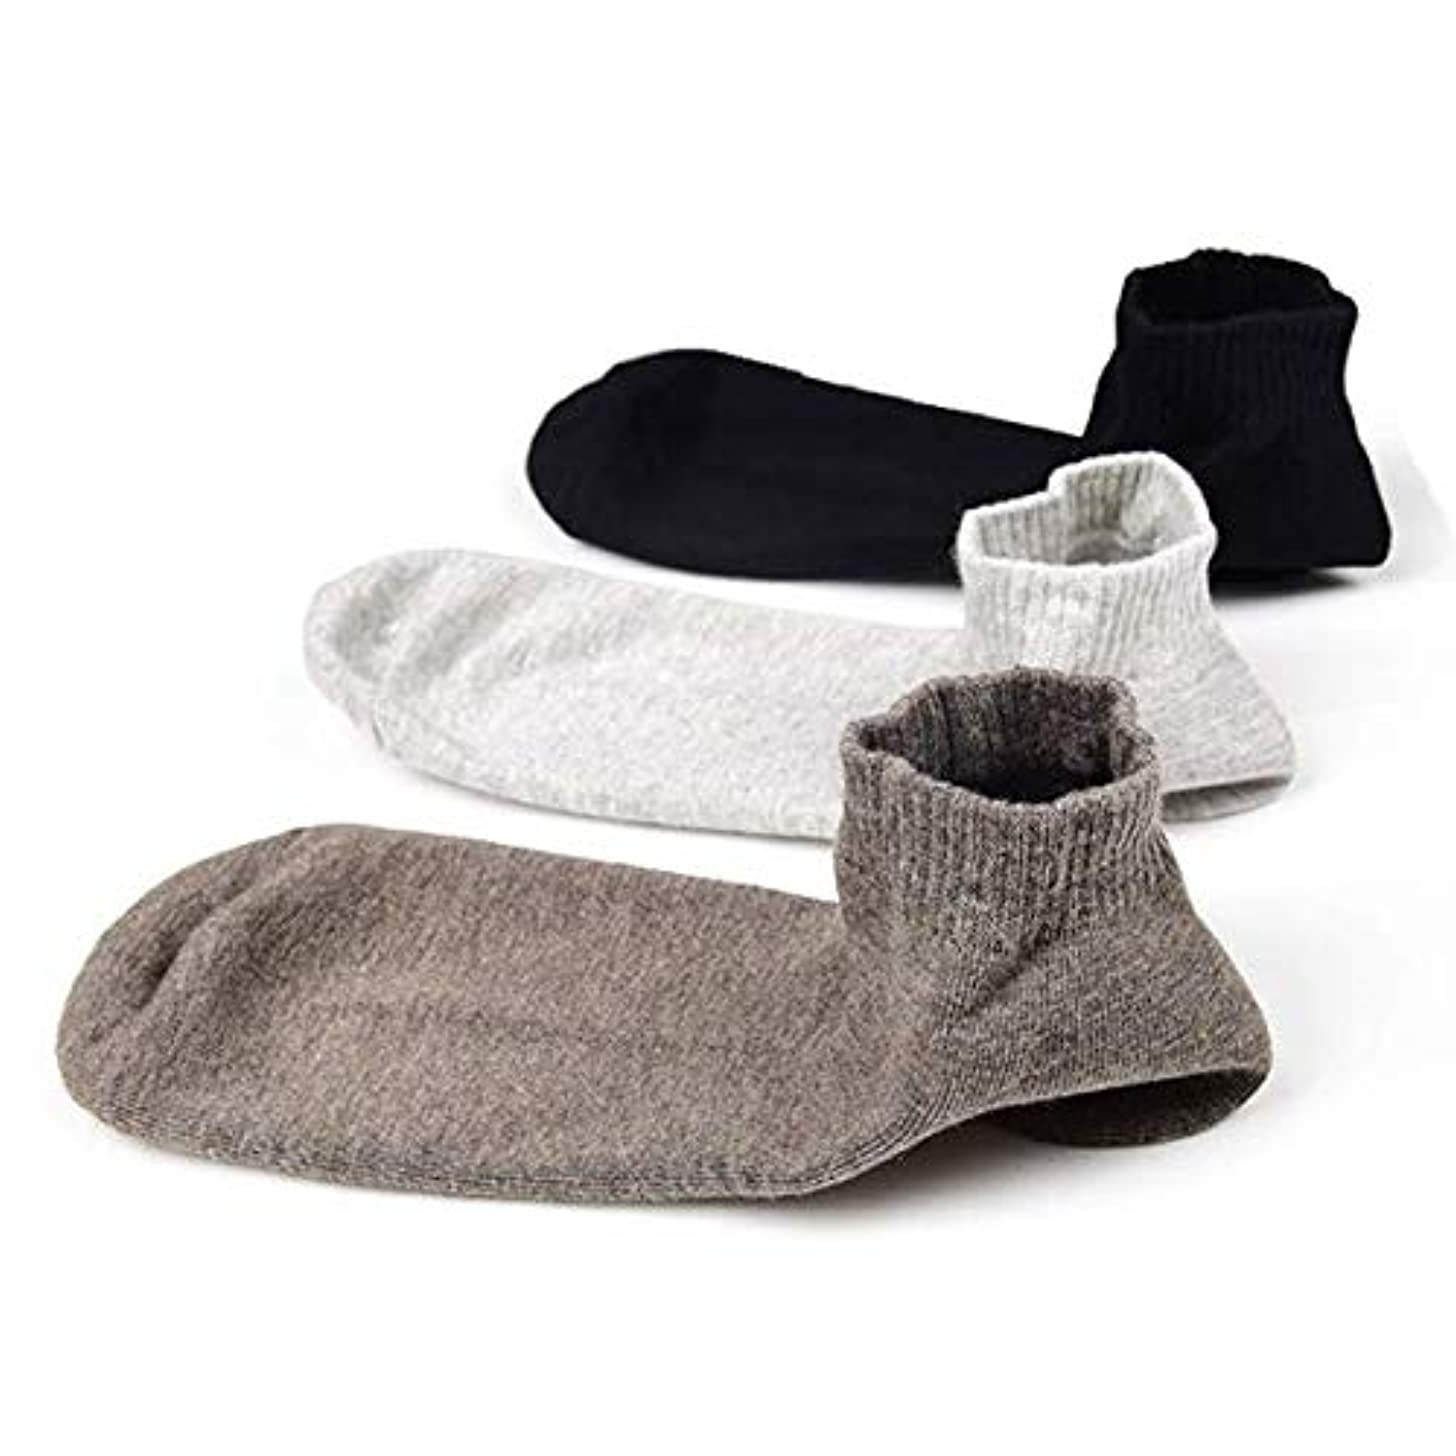 外観忠実促進するSweetimes かかとケアソックス 保湿効果 靴下 がさがさ つるつる ひび割れ うるおい 3色セット No.149 (男性)